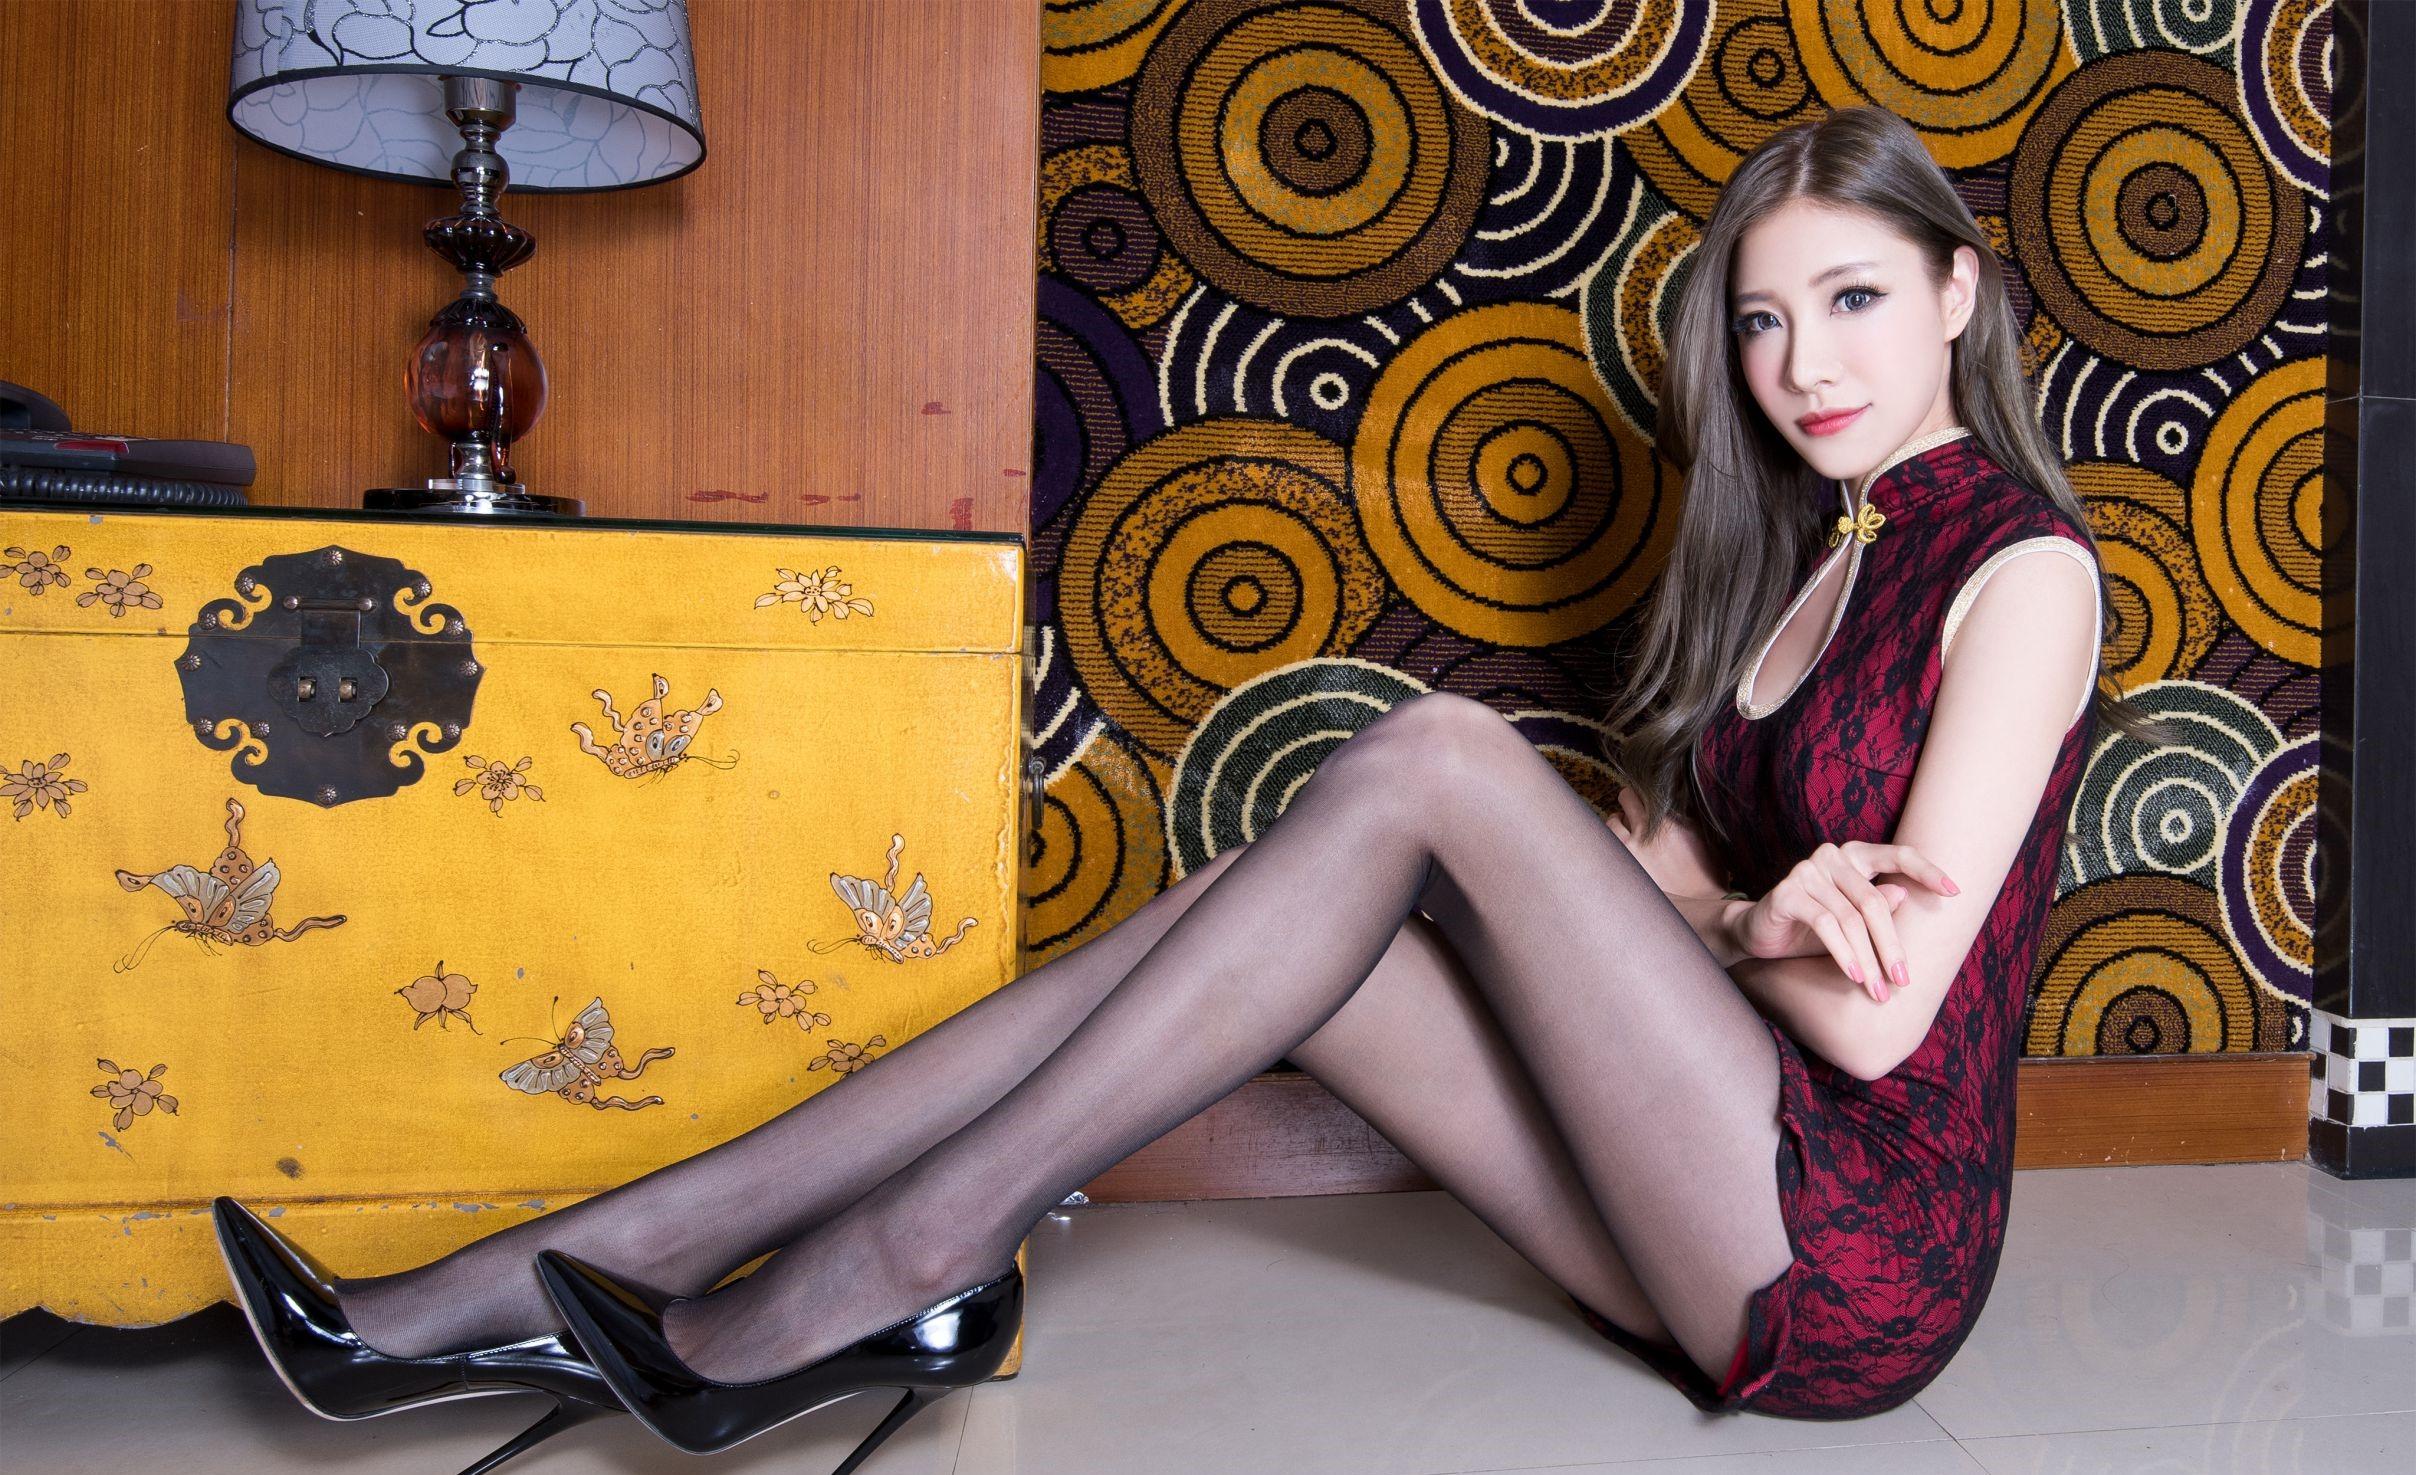 パンスト脚を見せつけるチャイナ美女 14